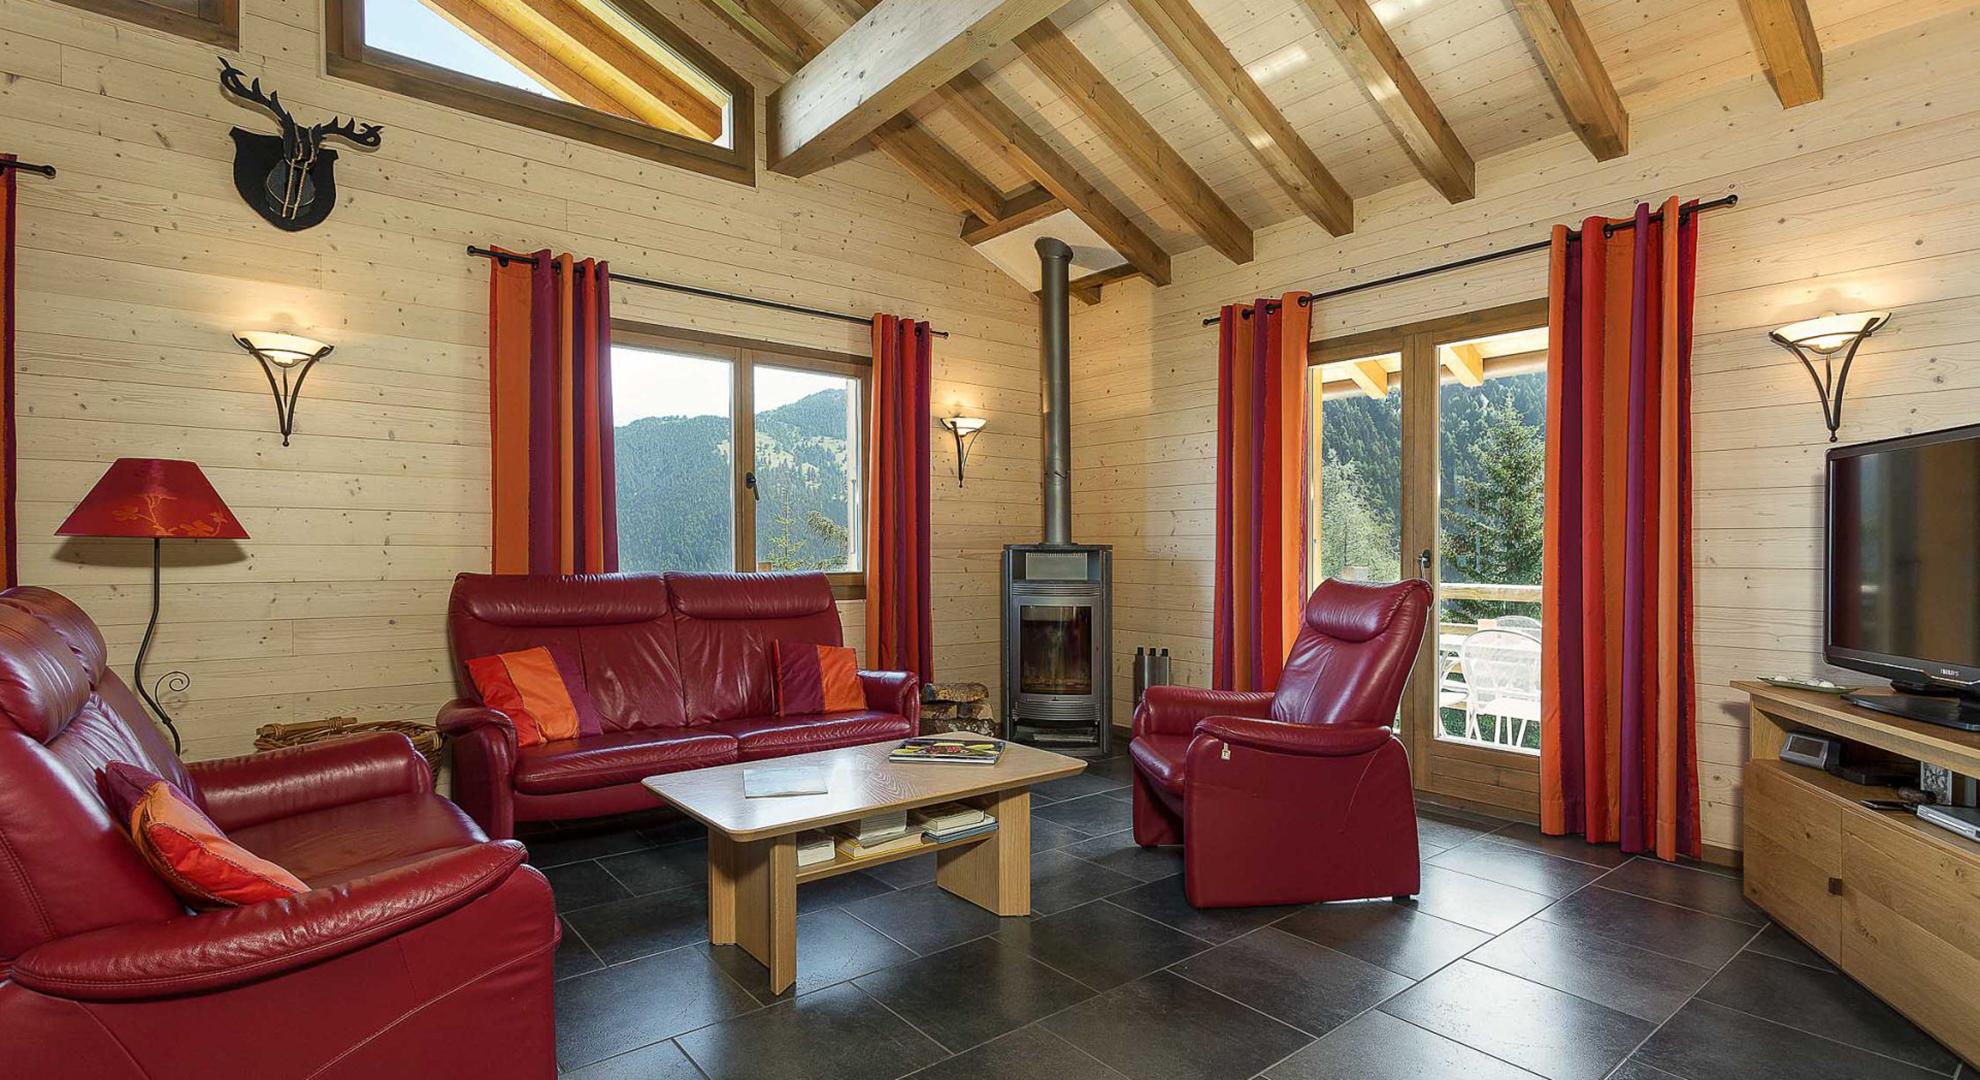 Maison du Cerf Chalet, Switzerland